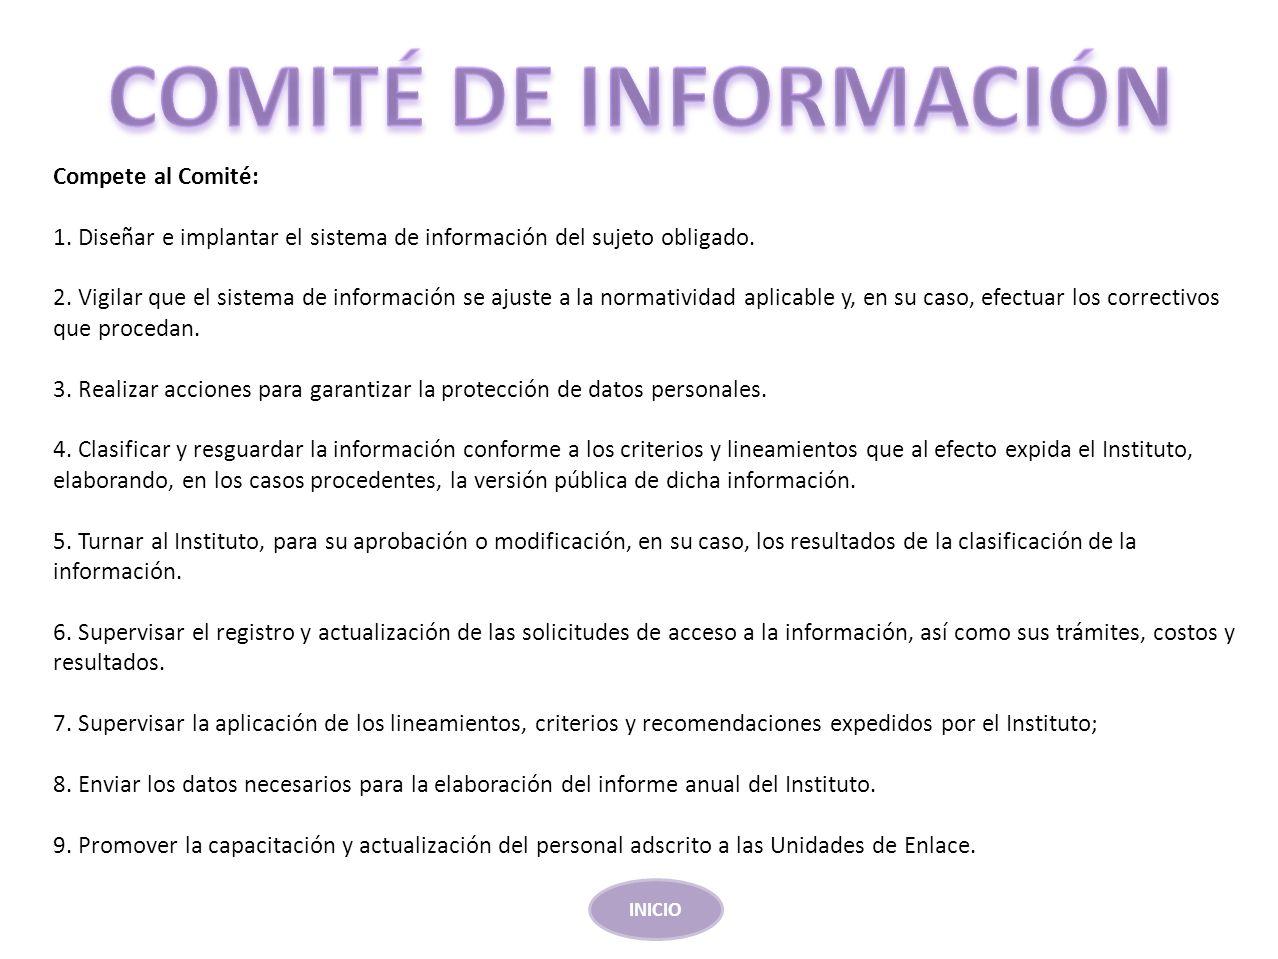 Compete al Comité: 1. Diseñar e implantar el sistema de información del sujeto obligado. 2. Vigilar que el sistema de información se ajuste a la norma